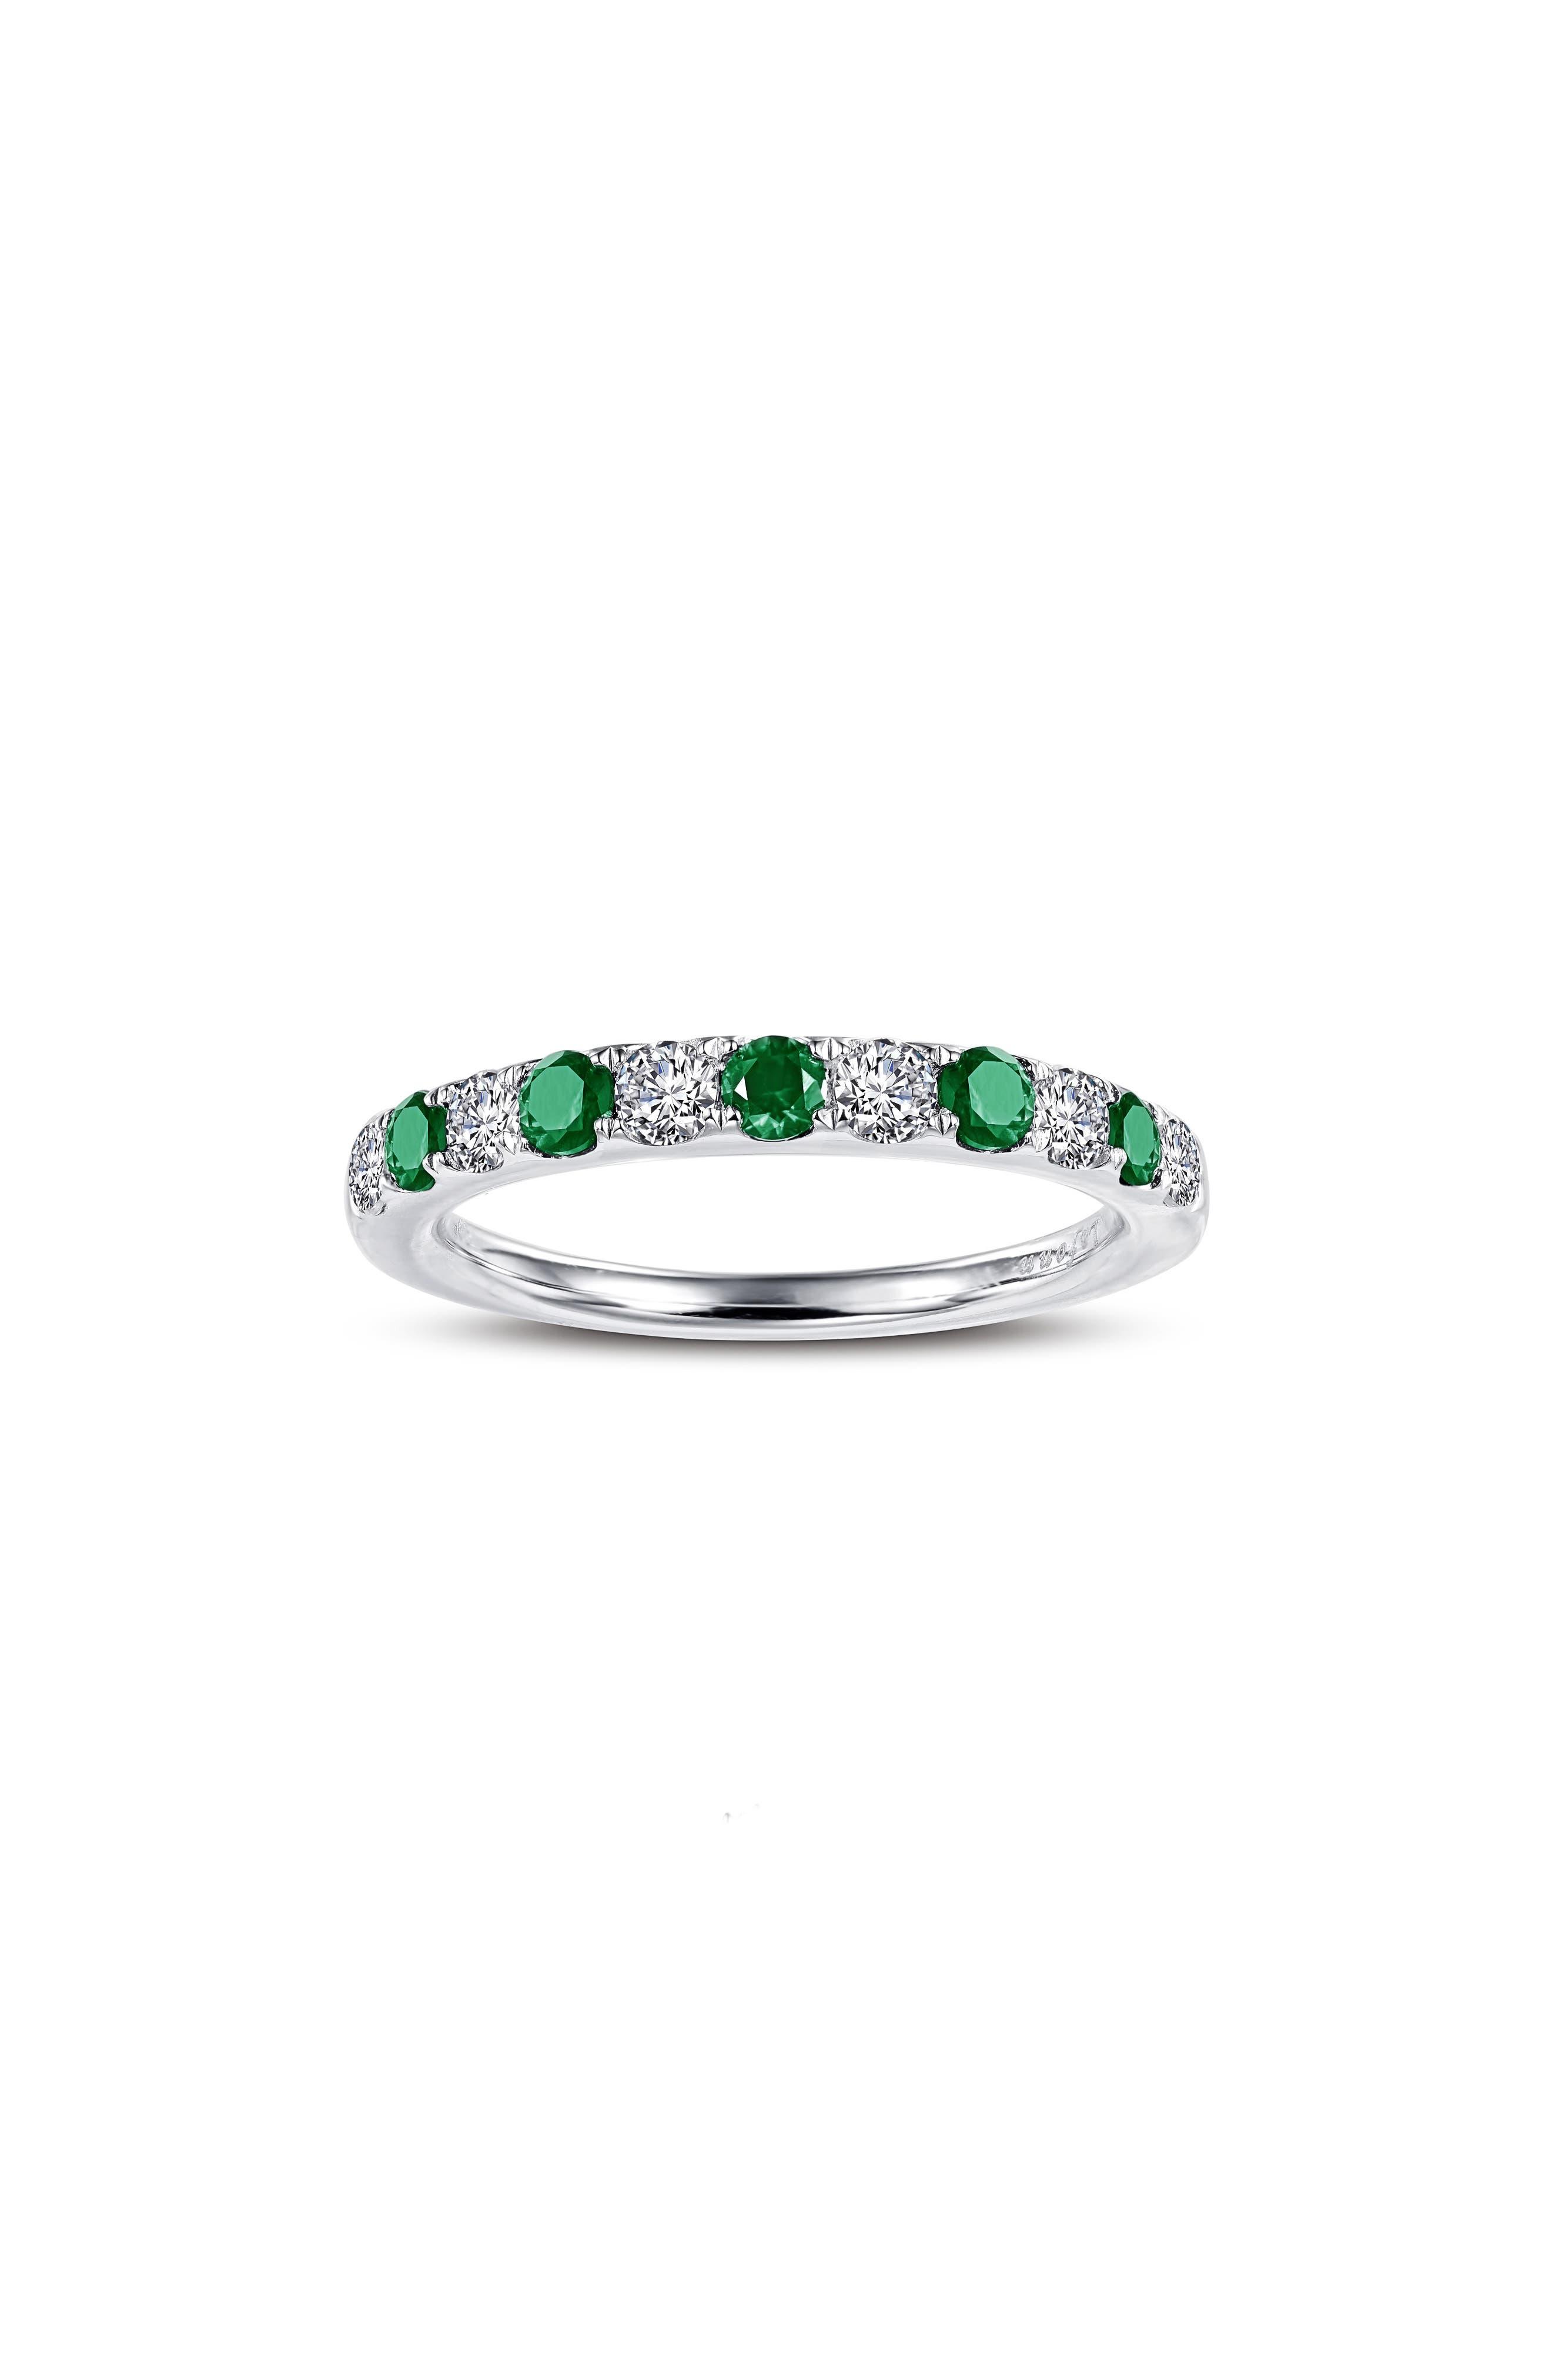 Simulated Diamond Birthstone Band Ring,                             Main thumbnail 1, color,                             MAY - GREEN/ SILVER